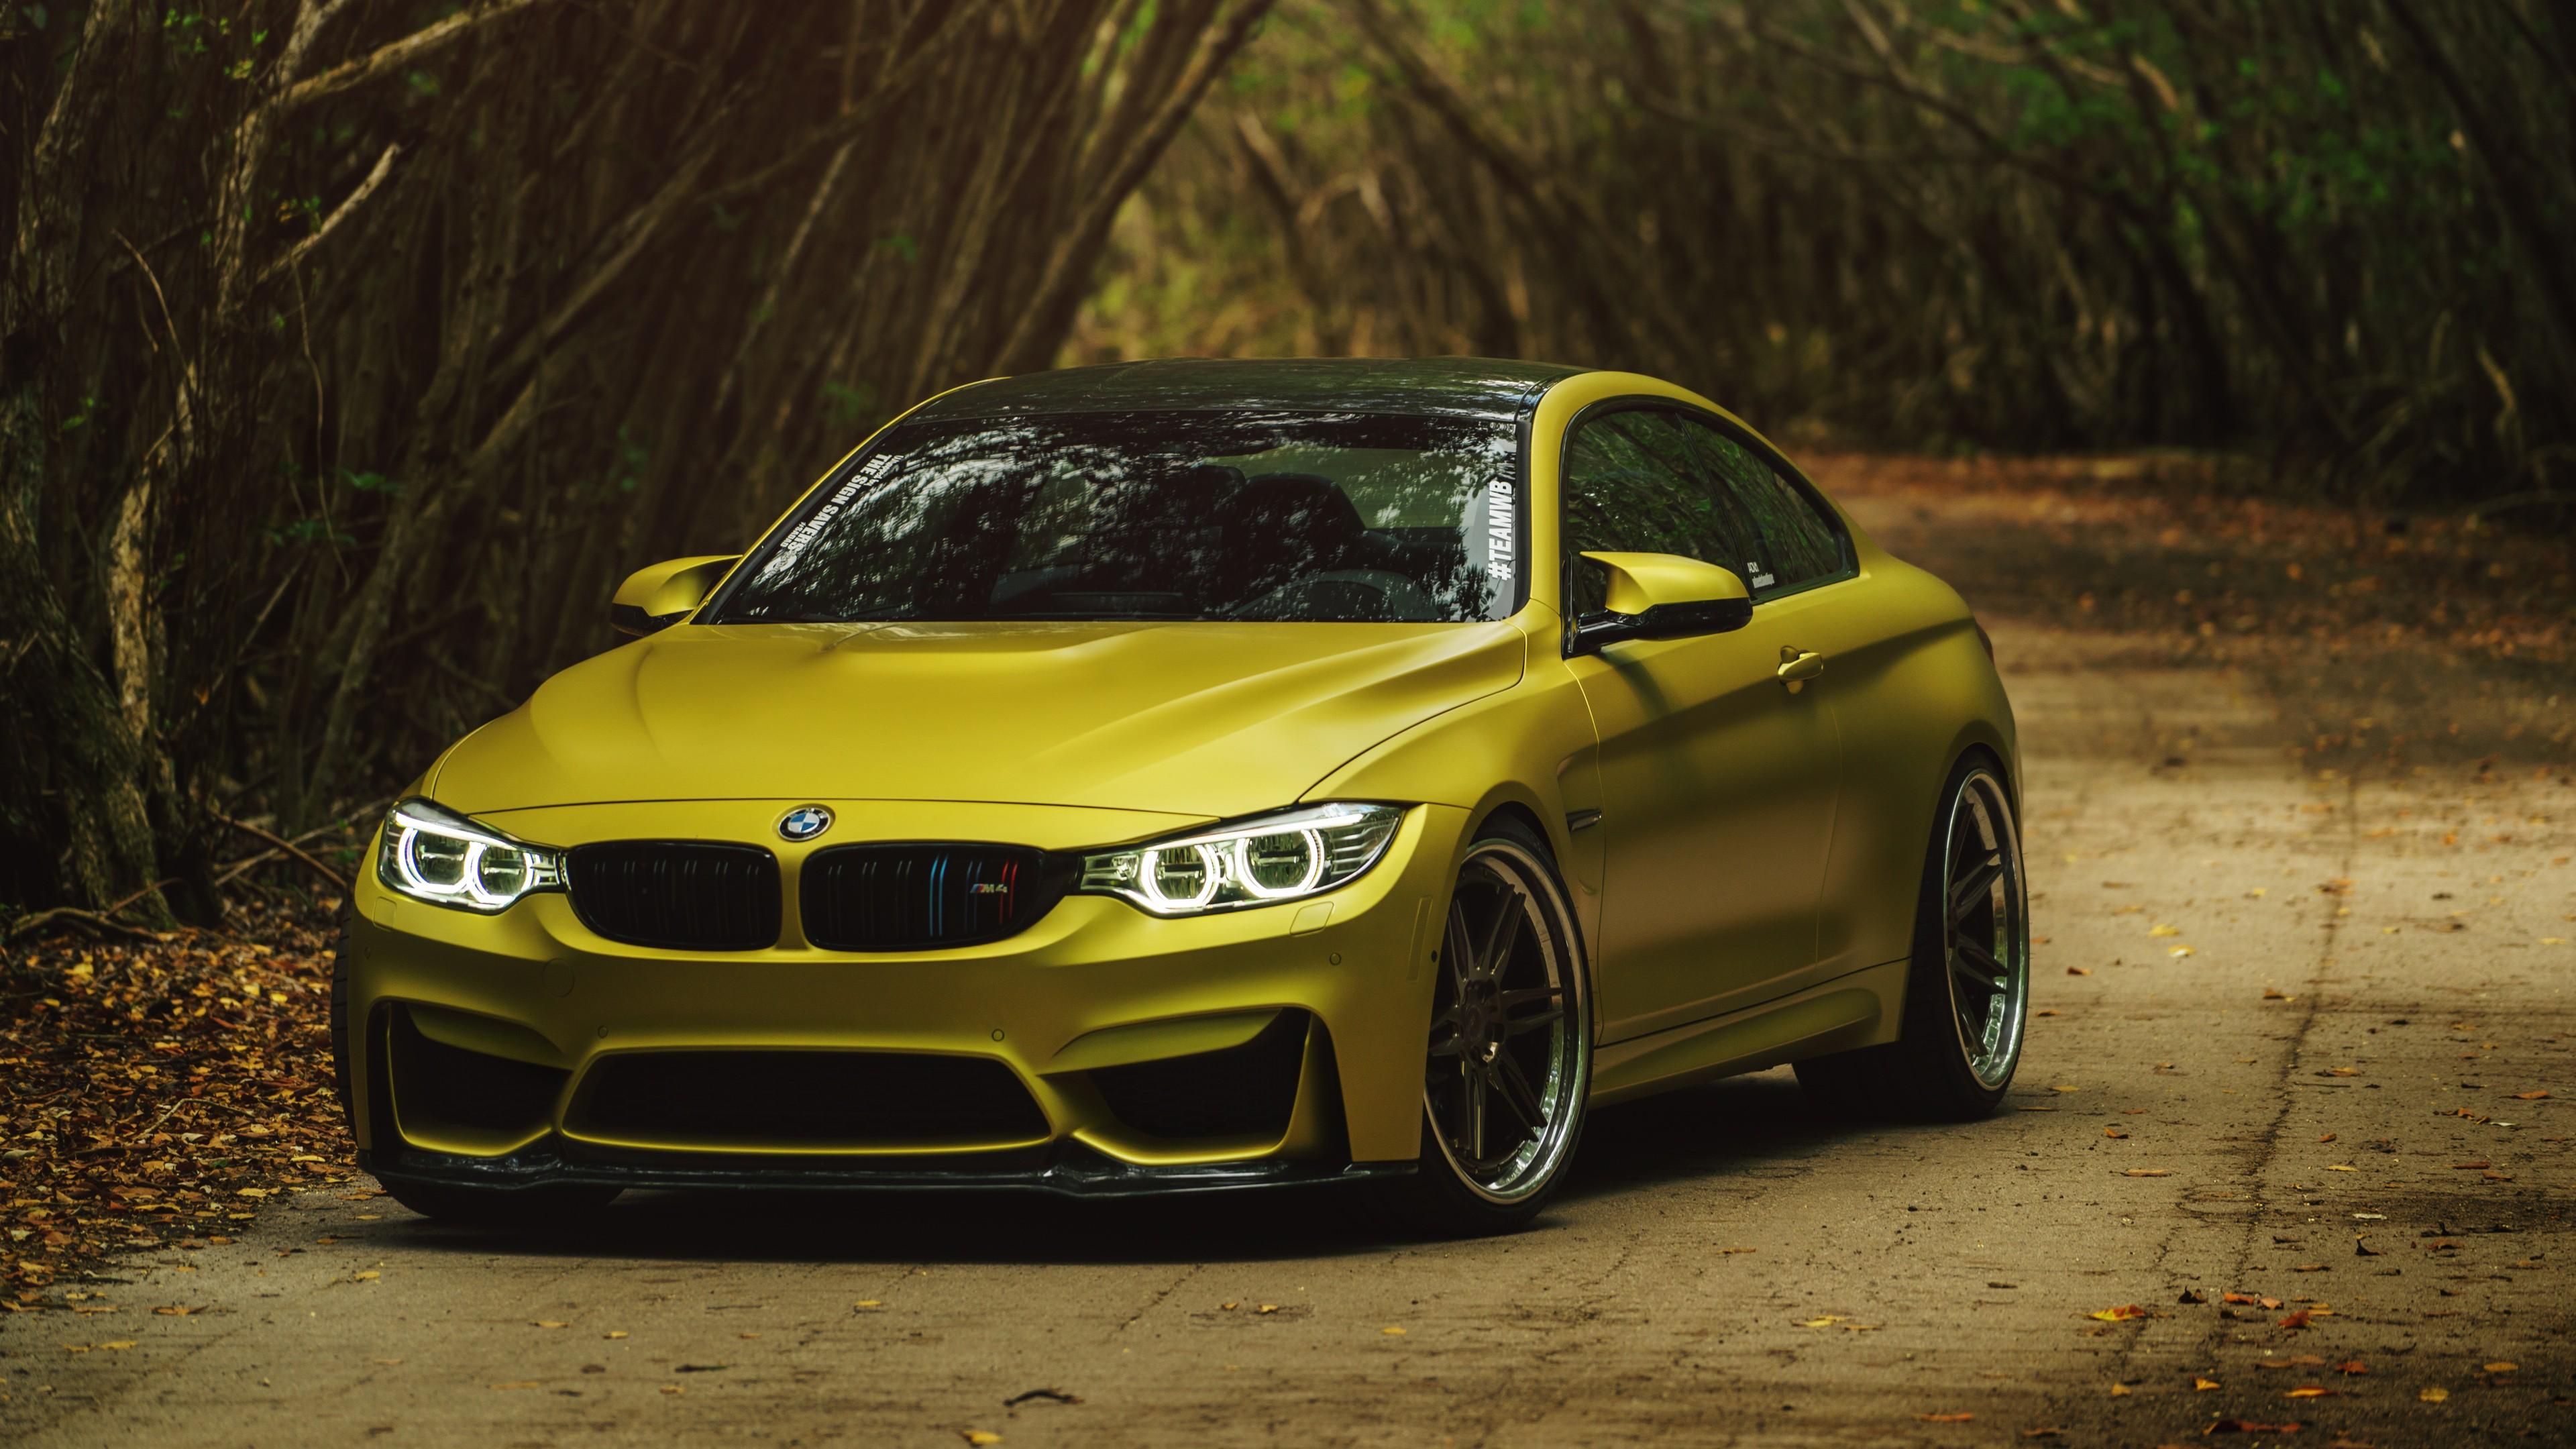 ADV1 SS Austin Yellow BMW M4 Wallpaper   HD Car Wallpapers ...